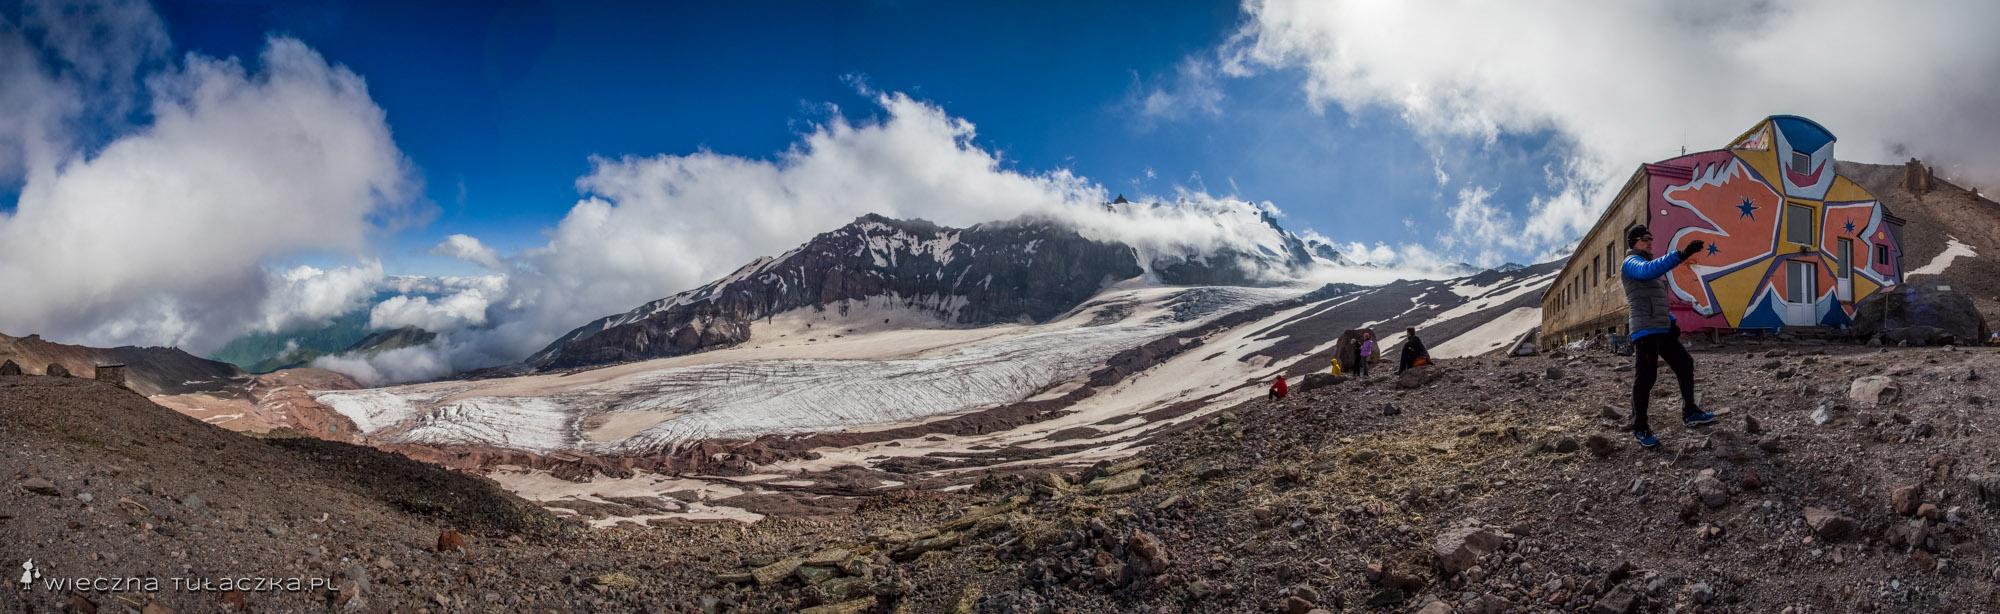 Masyw Ortsveri ponad lodowcem Gergeti